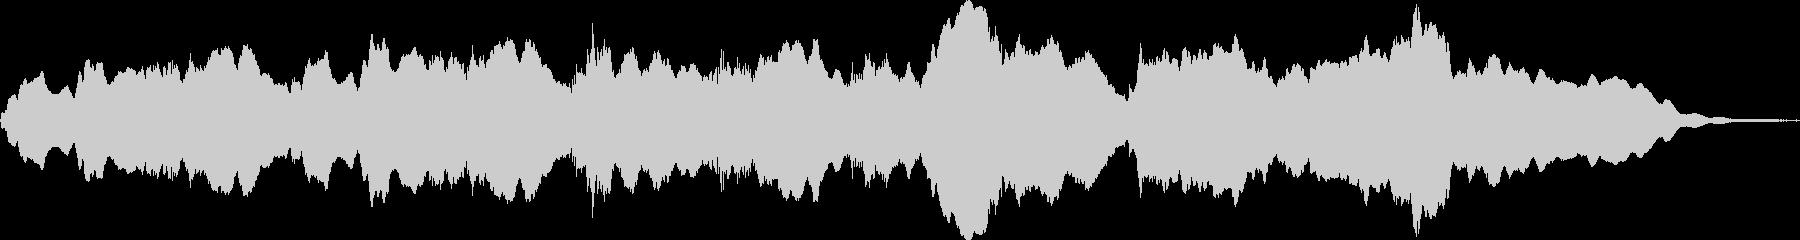 壮大的なリラクゼーションミュージックの未再生の波形